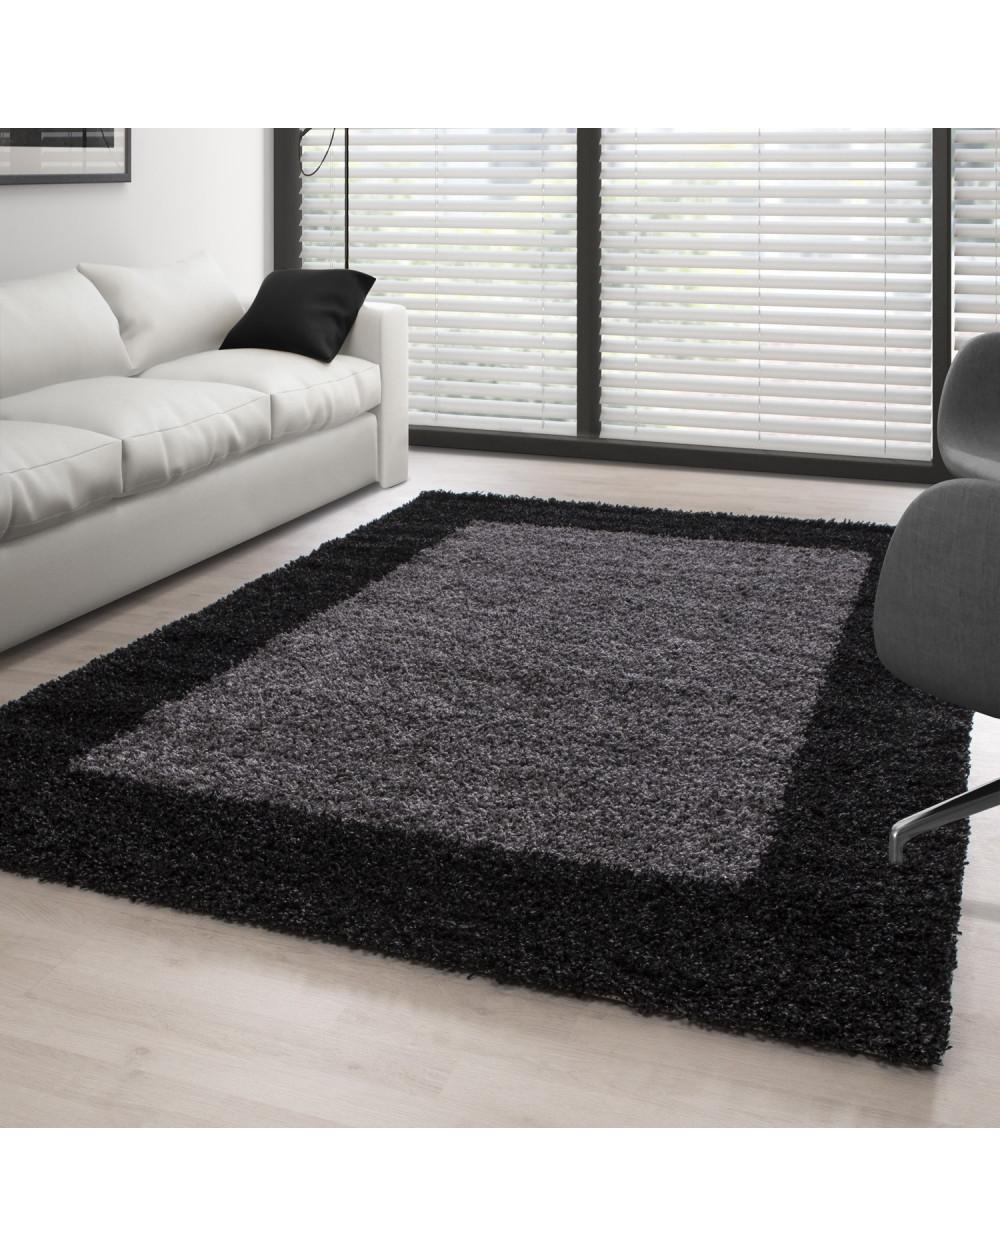 Hochflor Langflor Wohnzimmer Shaggy Teppich 2 Farbig Florhöhe 3cm Anthrazit Grau verschiedene Größen